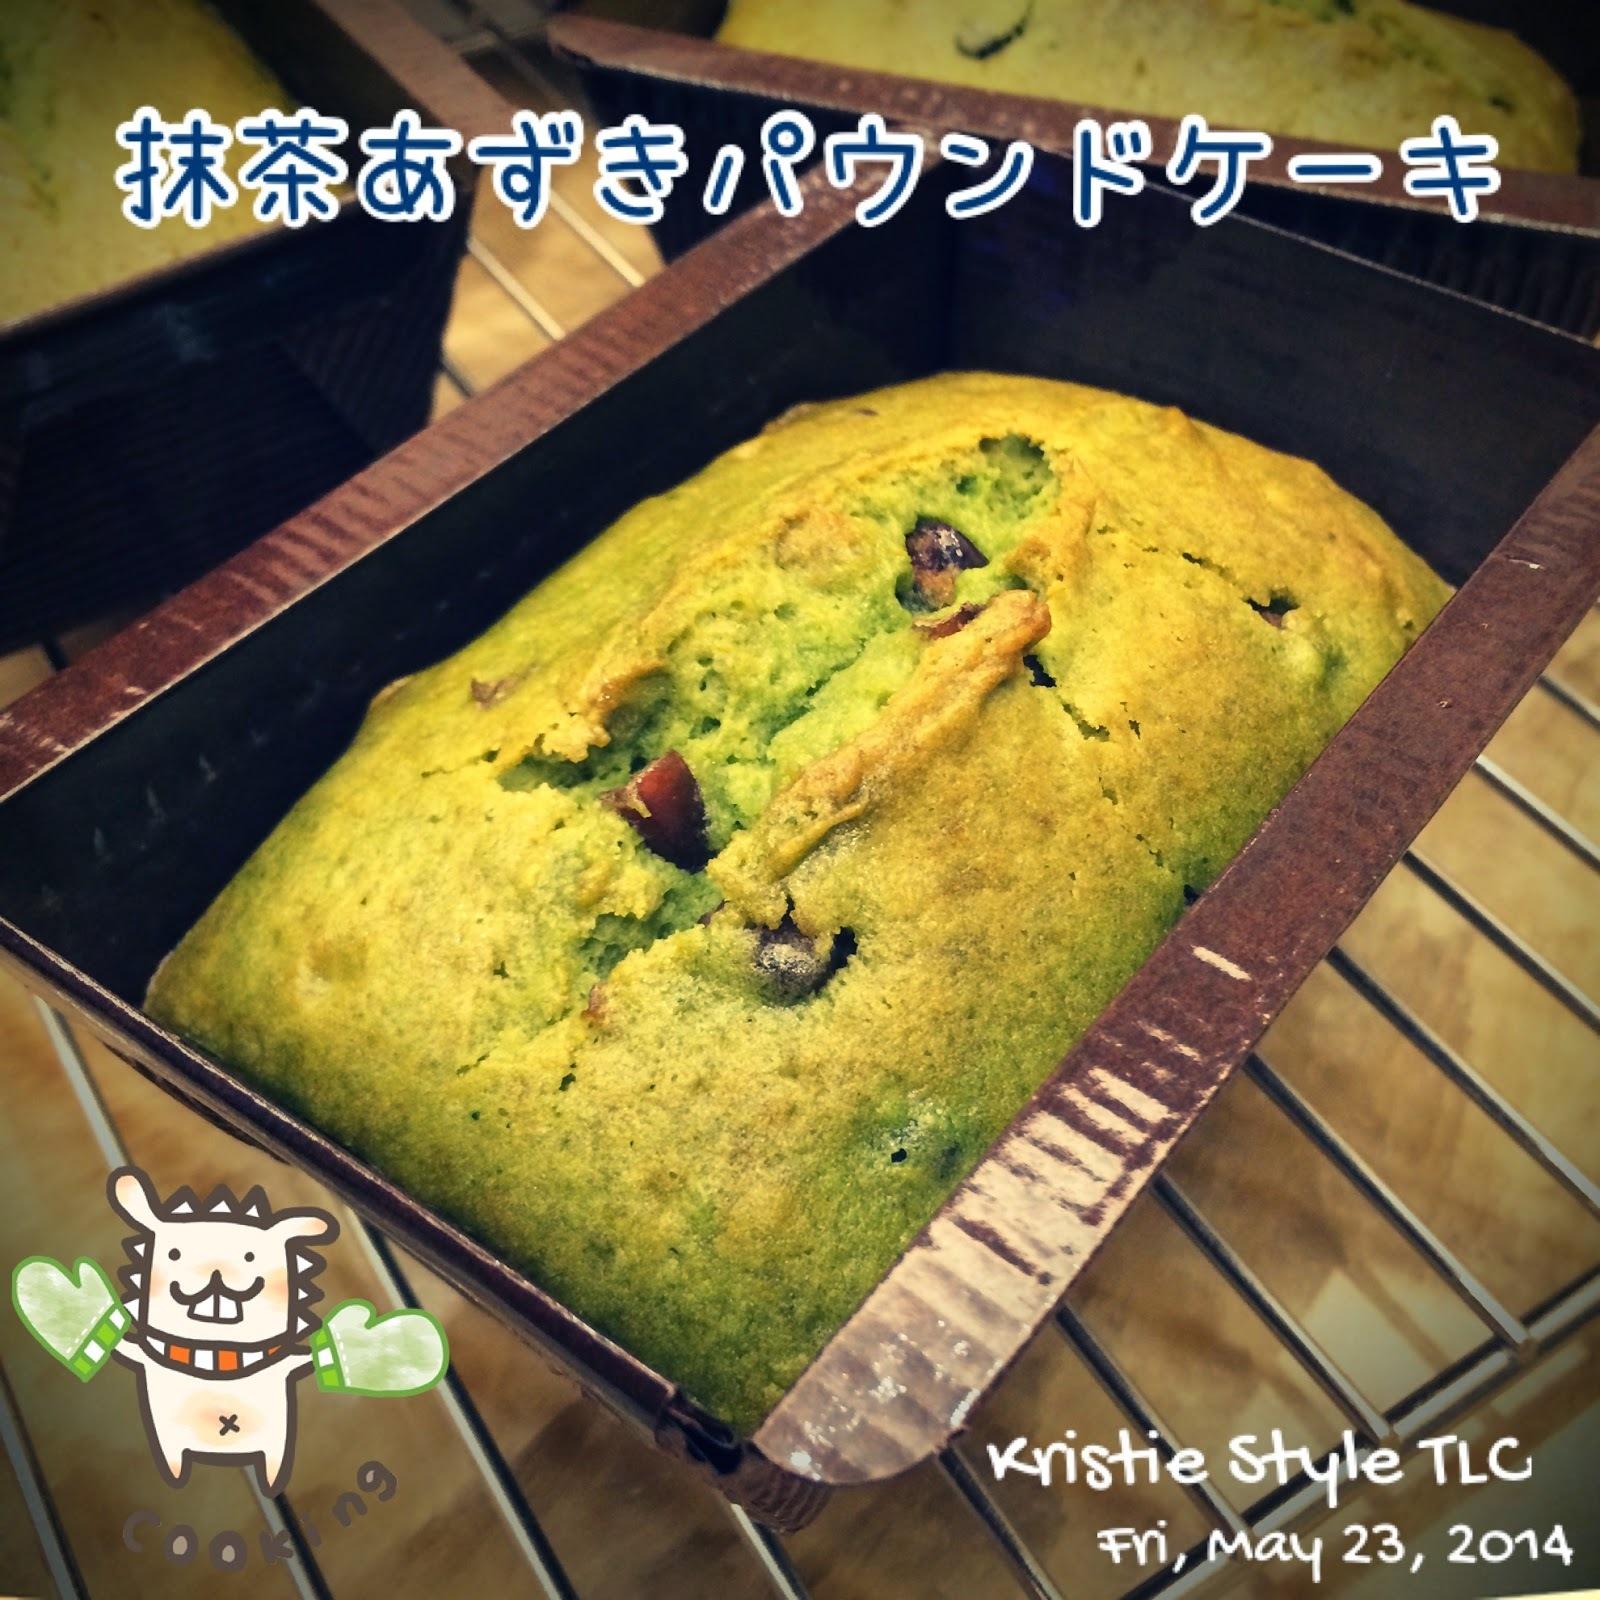 [食譜-蛋糕] 抹茶紅豆磅蛋糕 - 綠的很有日式風格